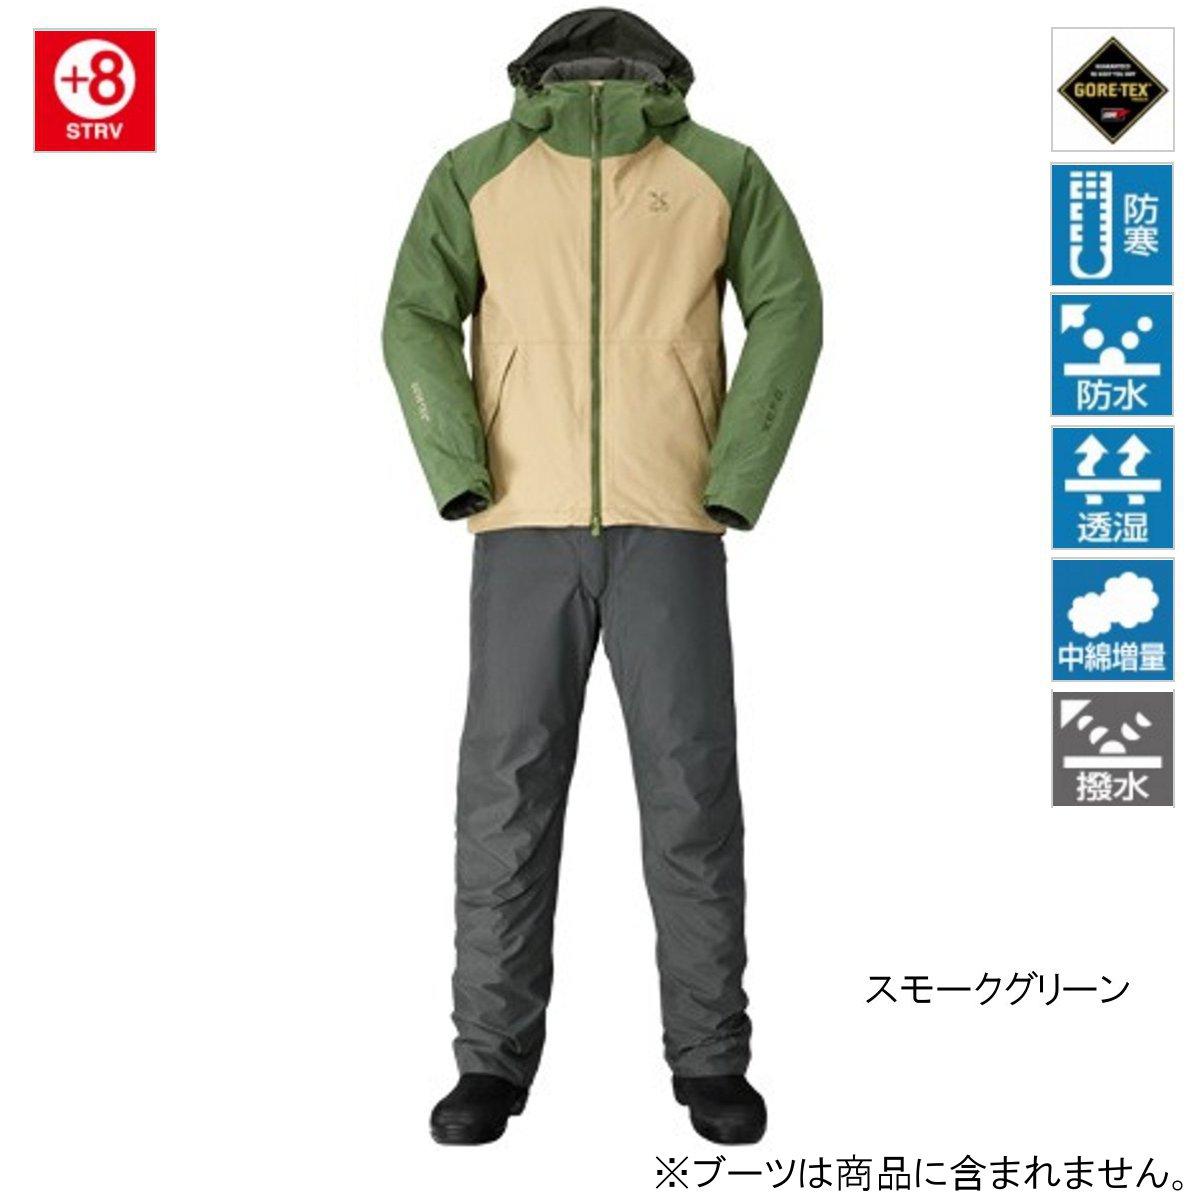 【訳あり 売り尽し 50%OFF】 シマノ XEFO GORE-TEX COZY SUIT RB-214P L スモークグリーン